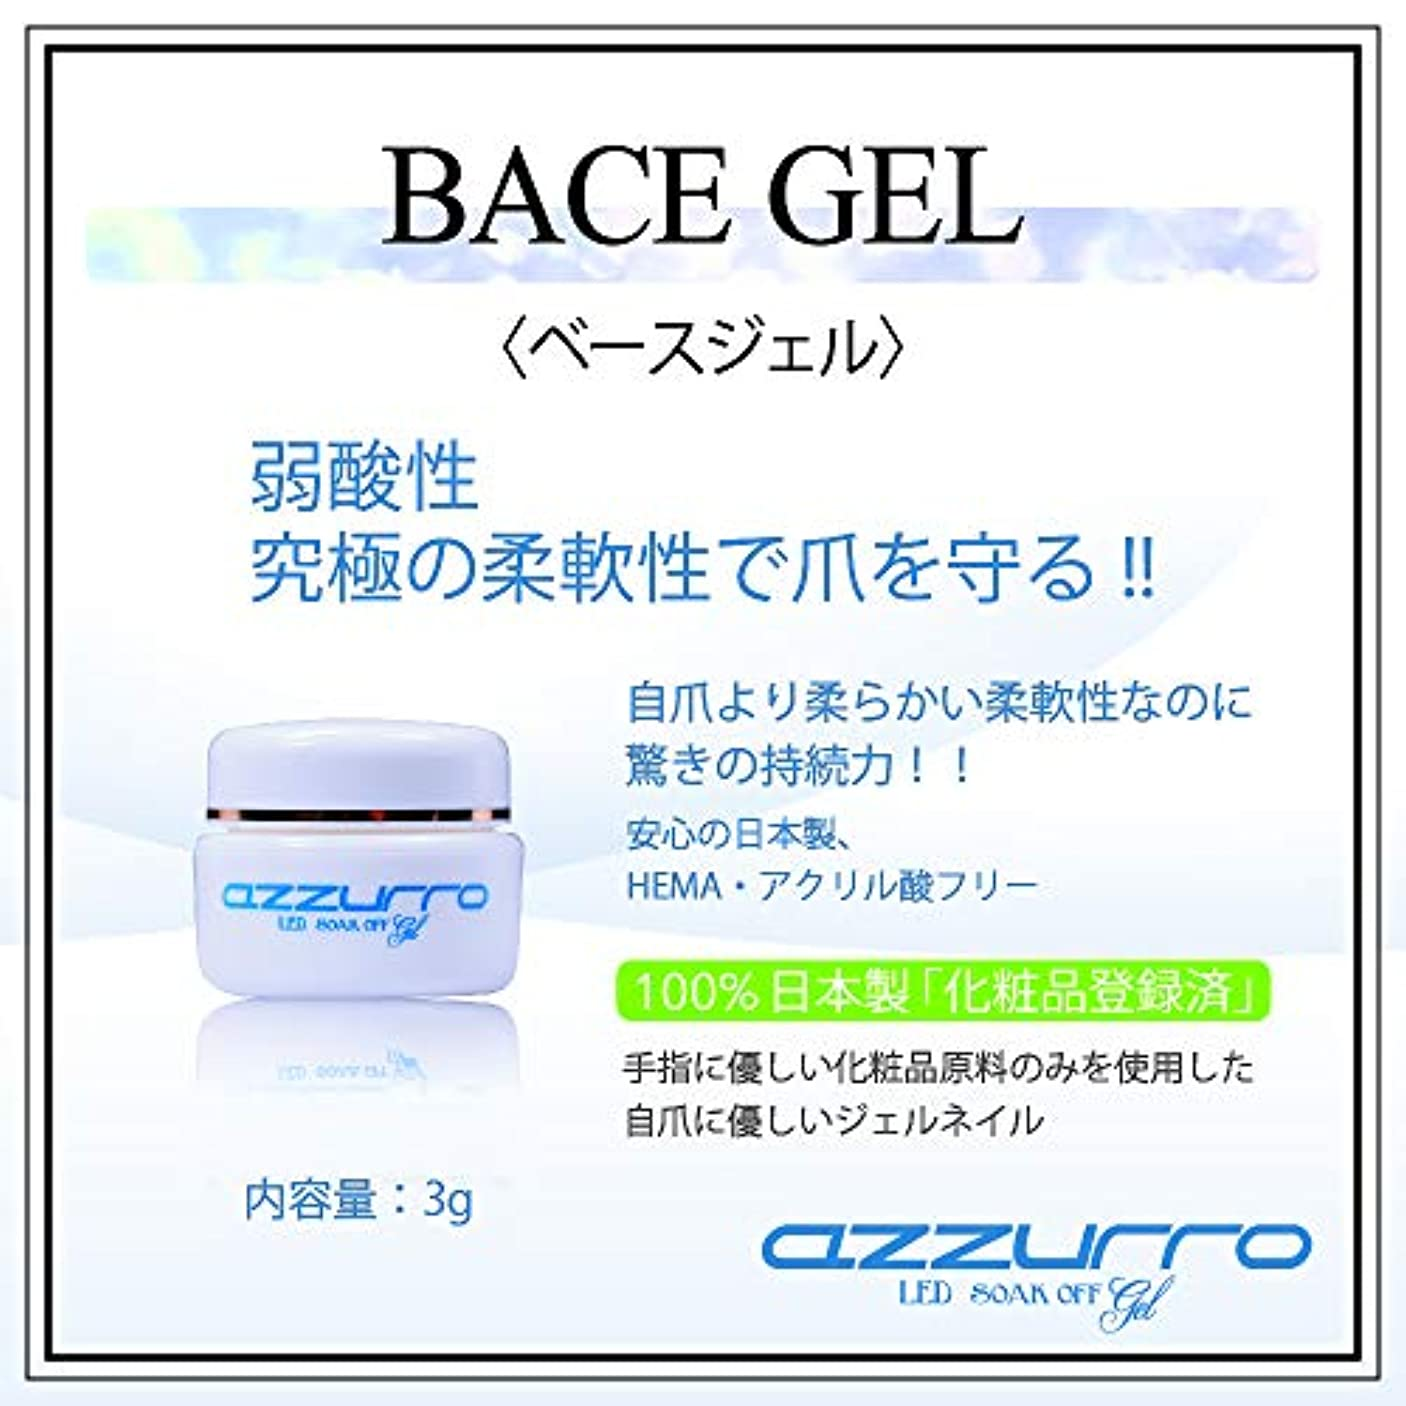 日没神話電信azzurro gel アッズーロ ベースジェル 日本製 驚きの密着力 リムーバーでオフも簡単3g